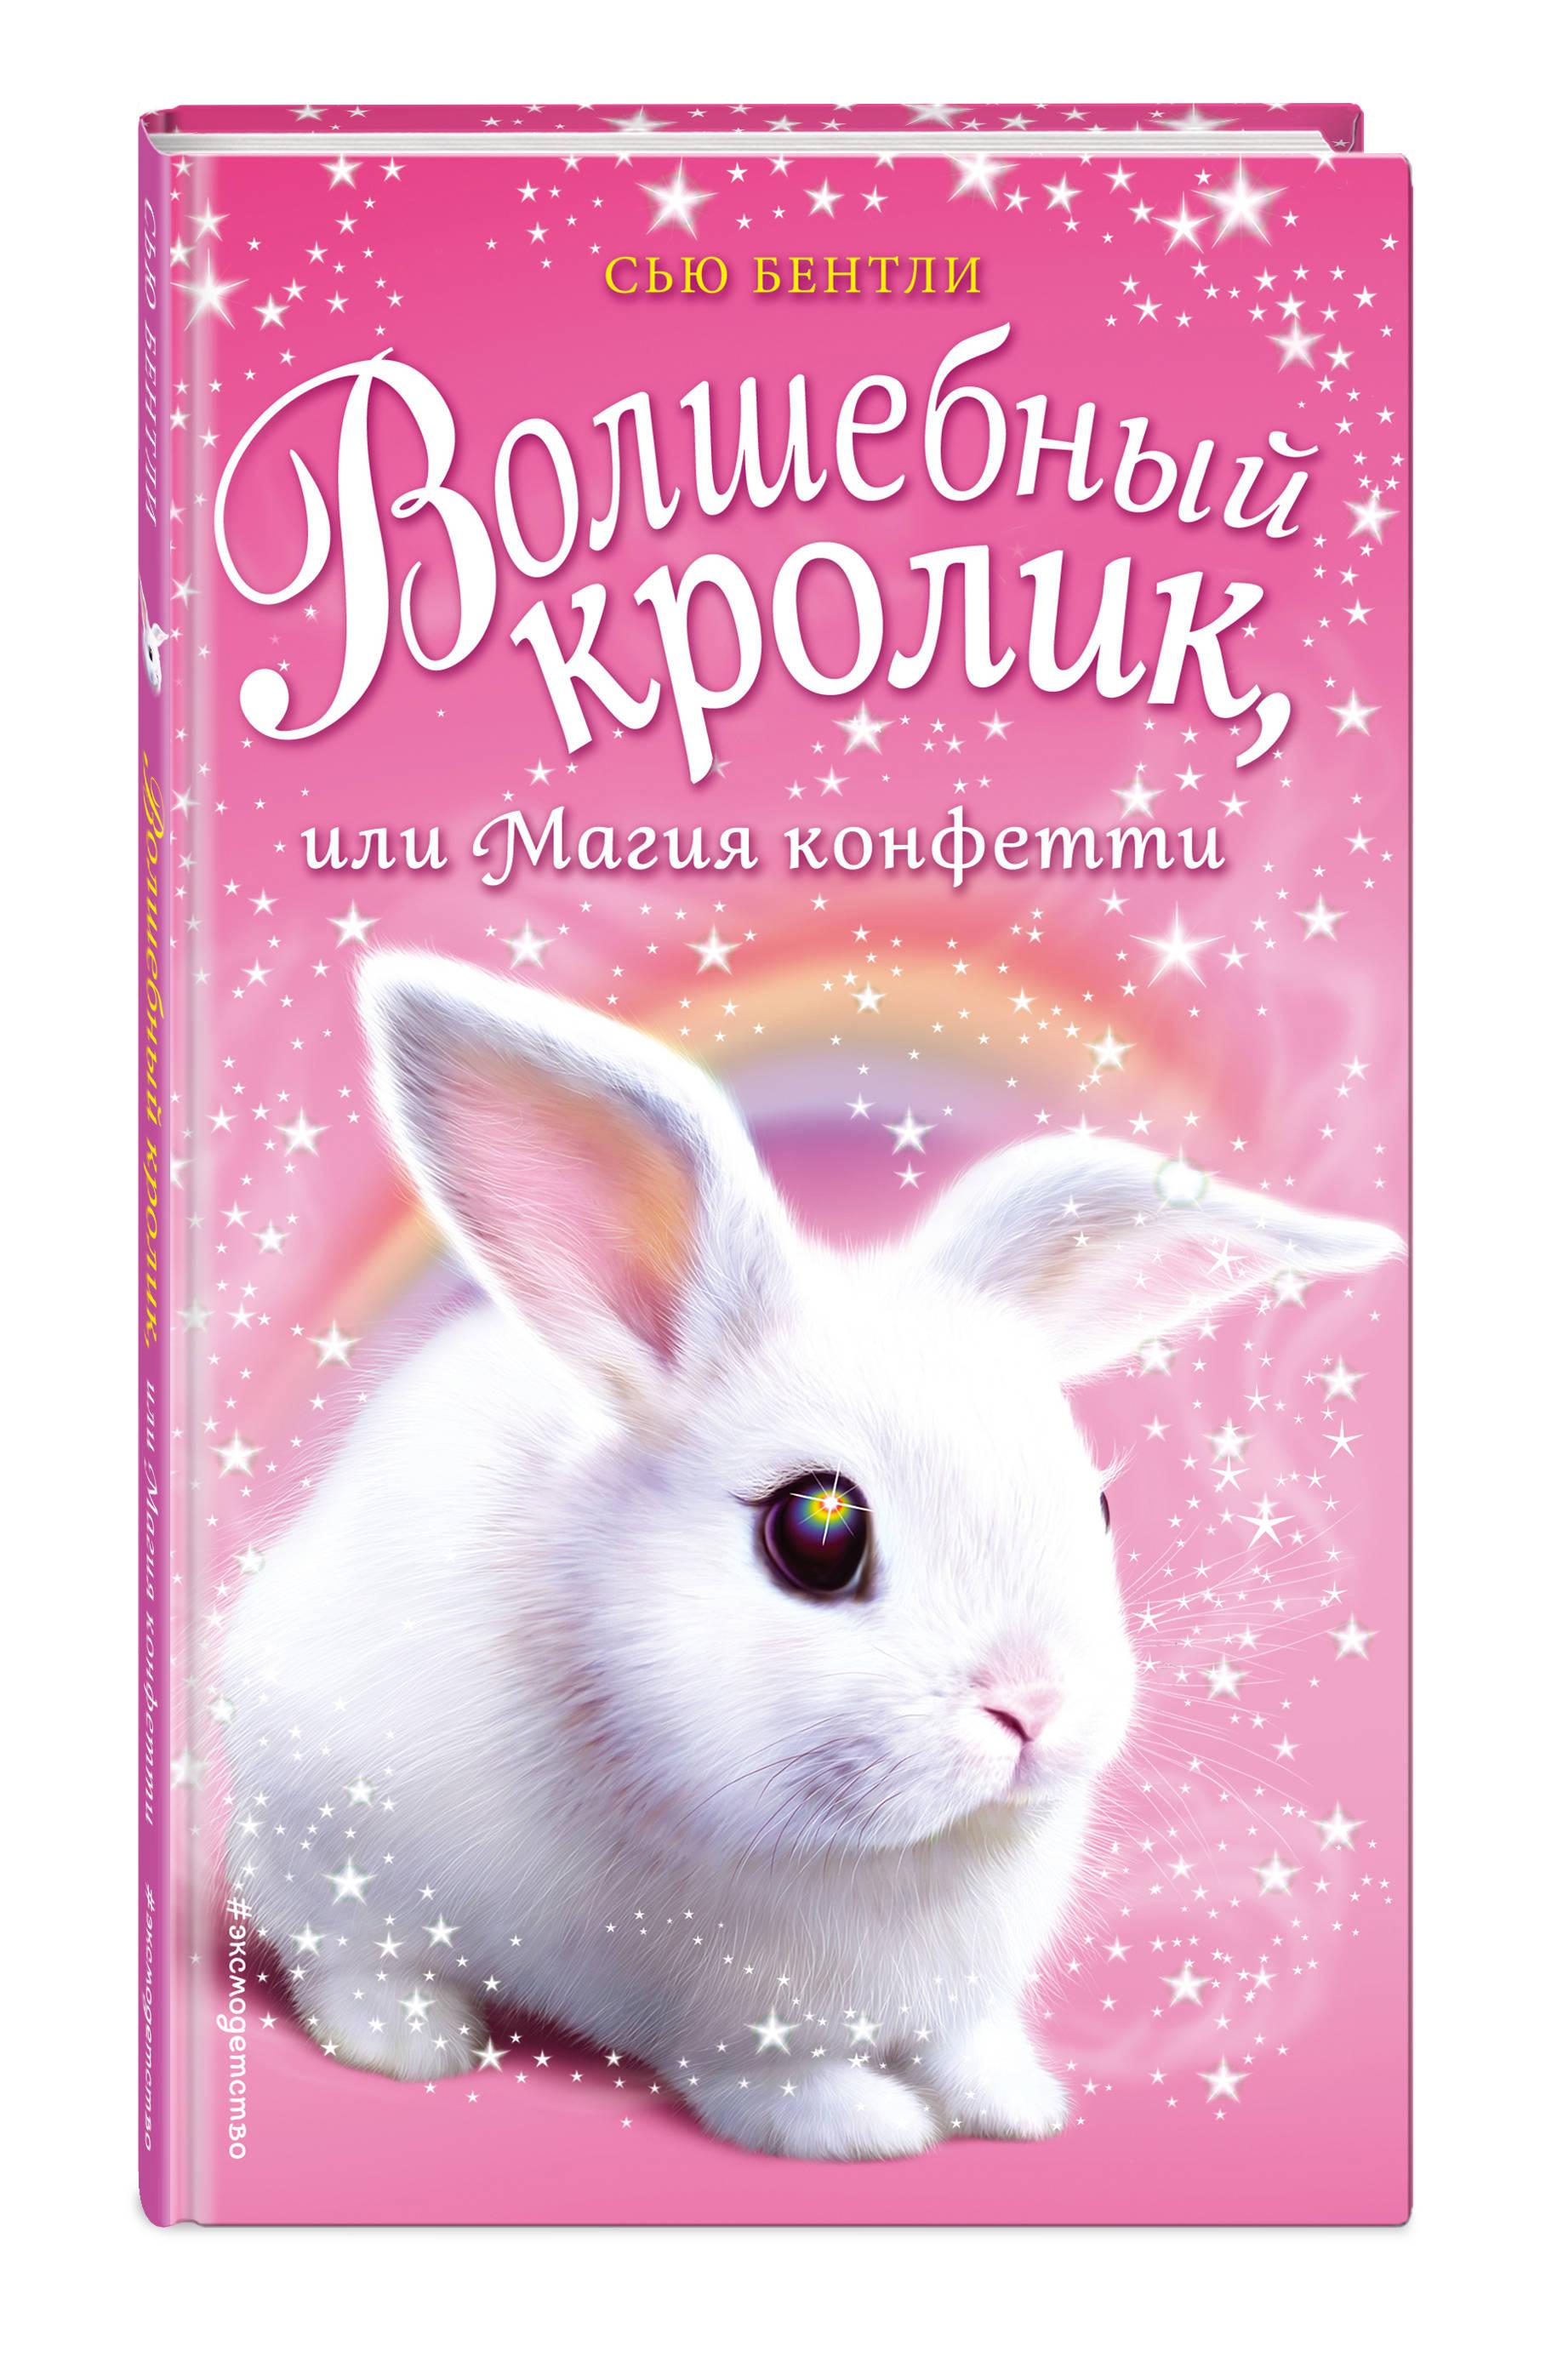 Волшебный кролик, или Магия конфетти (выпуск 2)